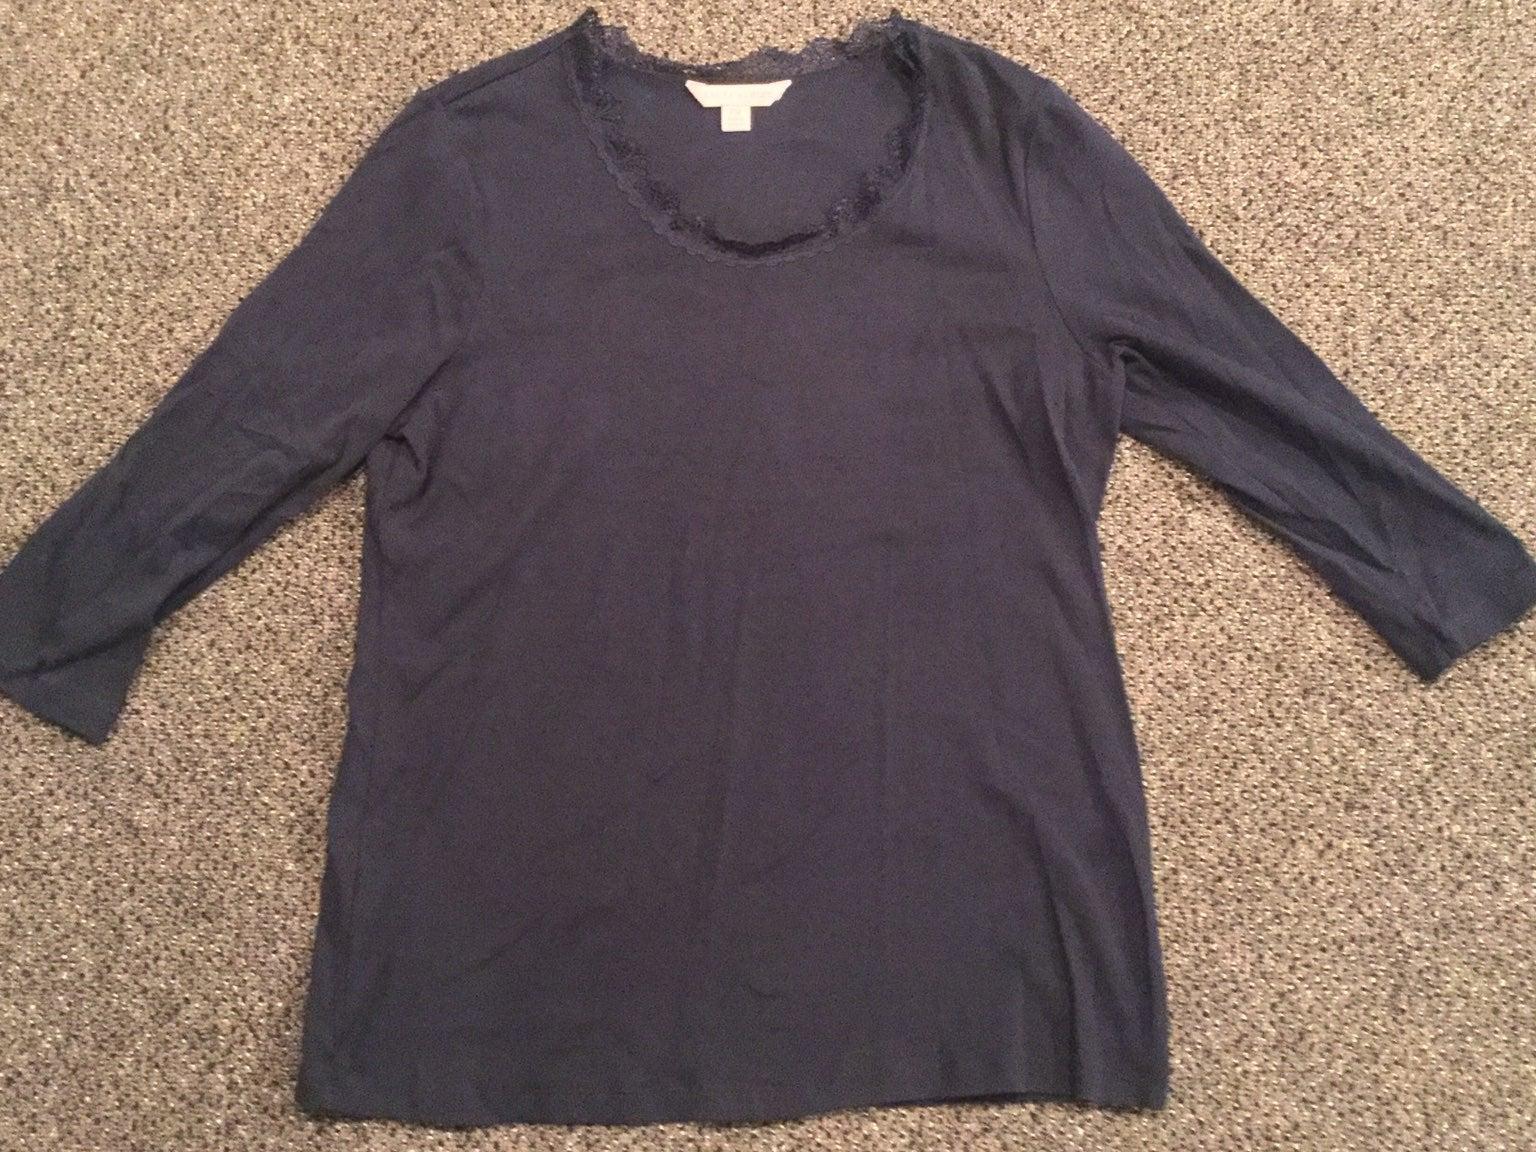 Laura Ashley Long Sleeve Shirt, Size PM